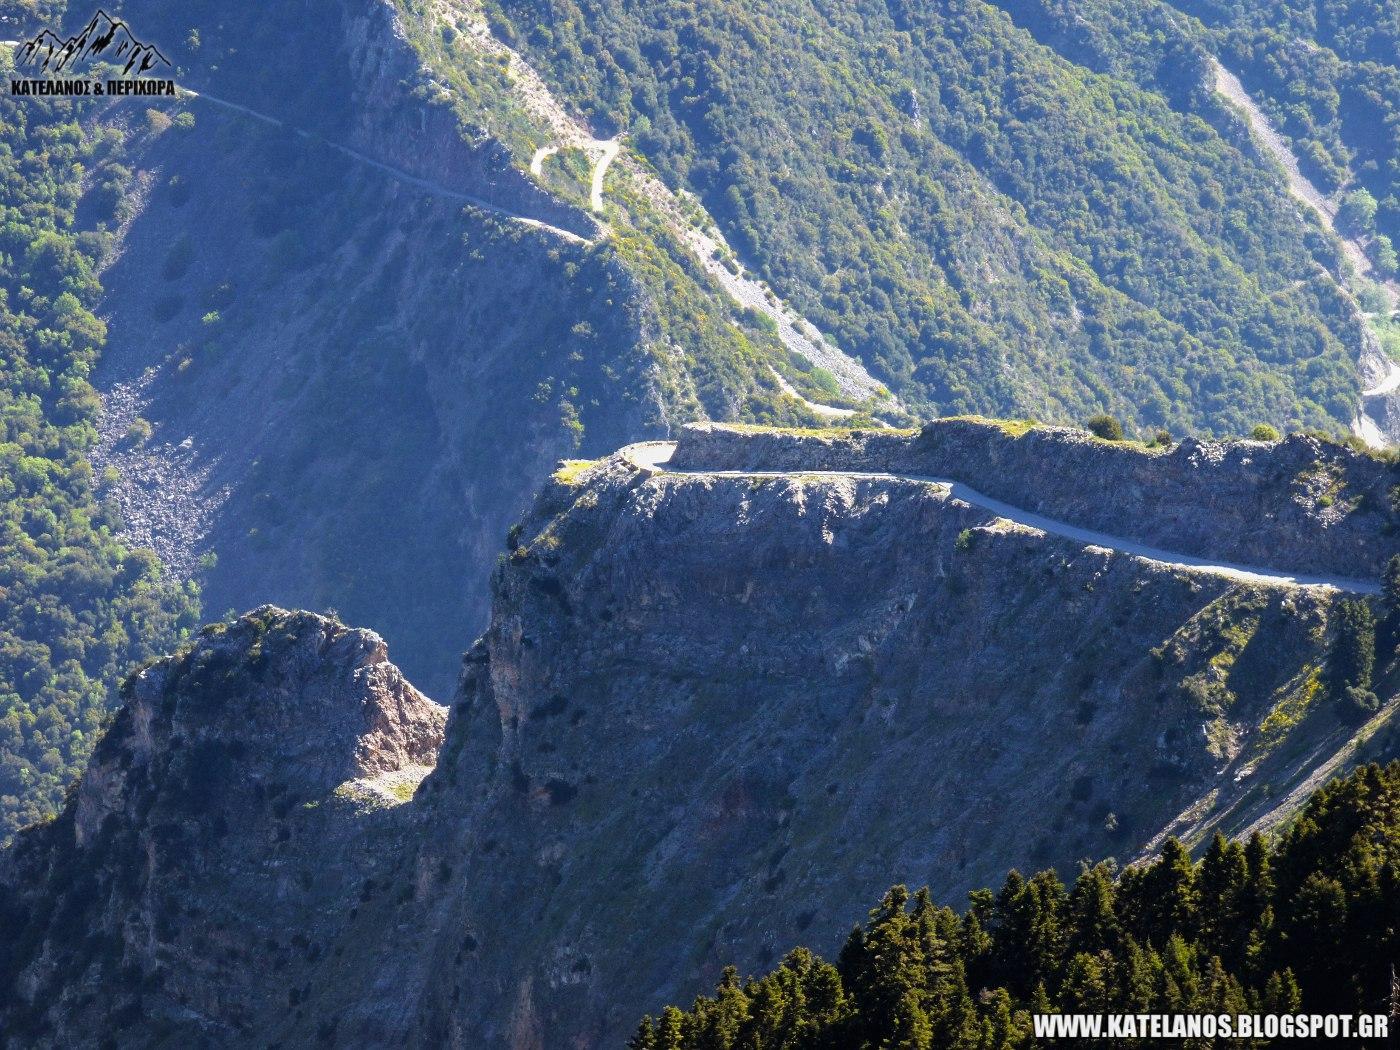 ευρυτανικα τοπια δρομος ασπροπυργου προυσου